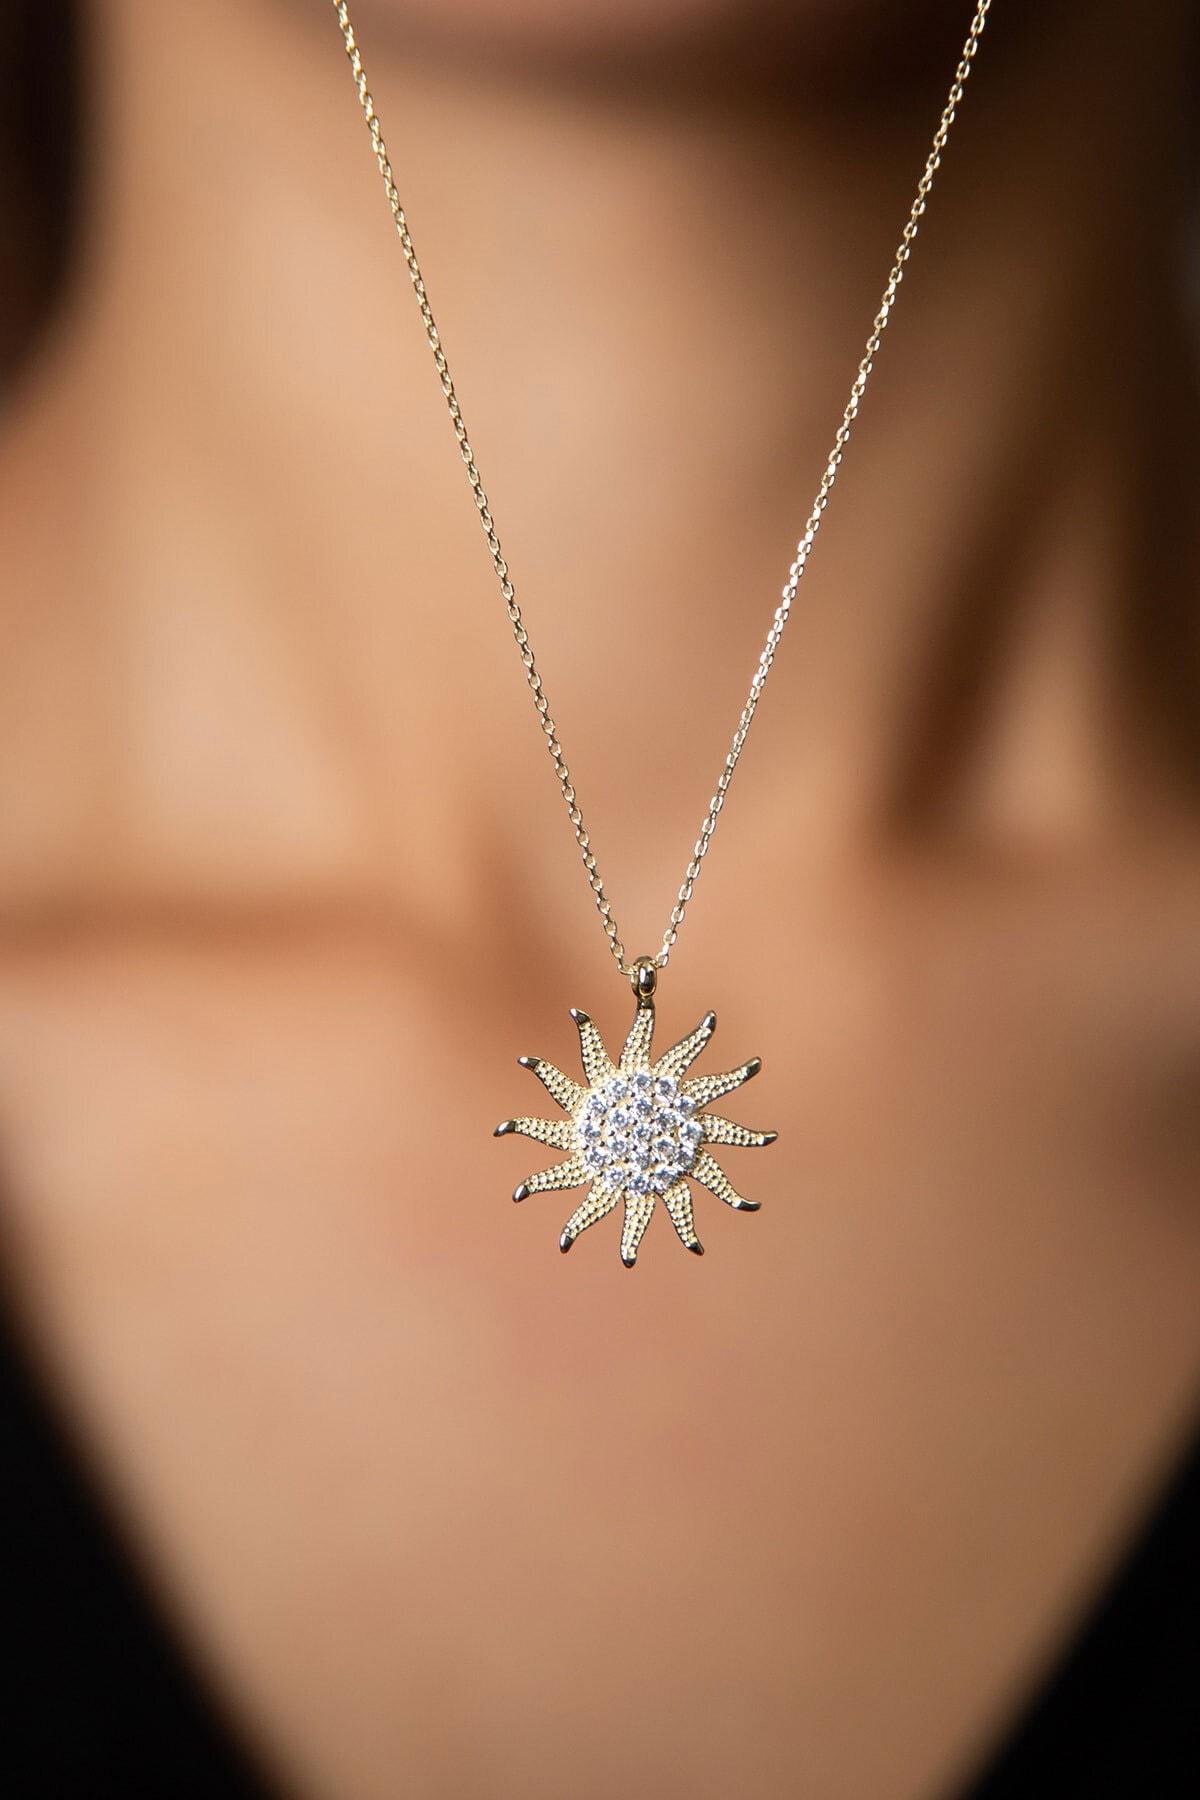 Papatya Silver 925 Ayar Altın Kaplama Zirkon Taşlı Gümüş Güneş Kolye 2